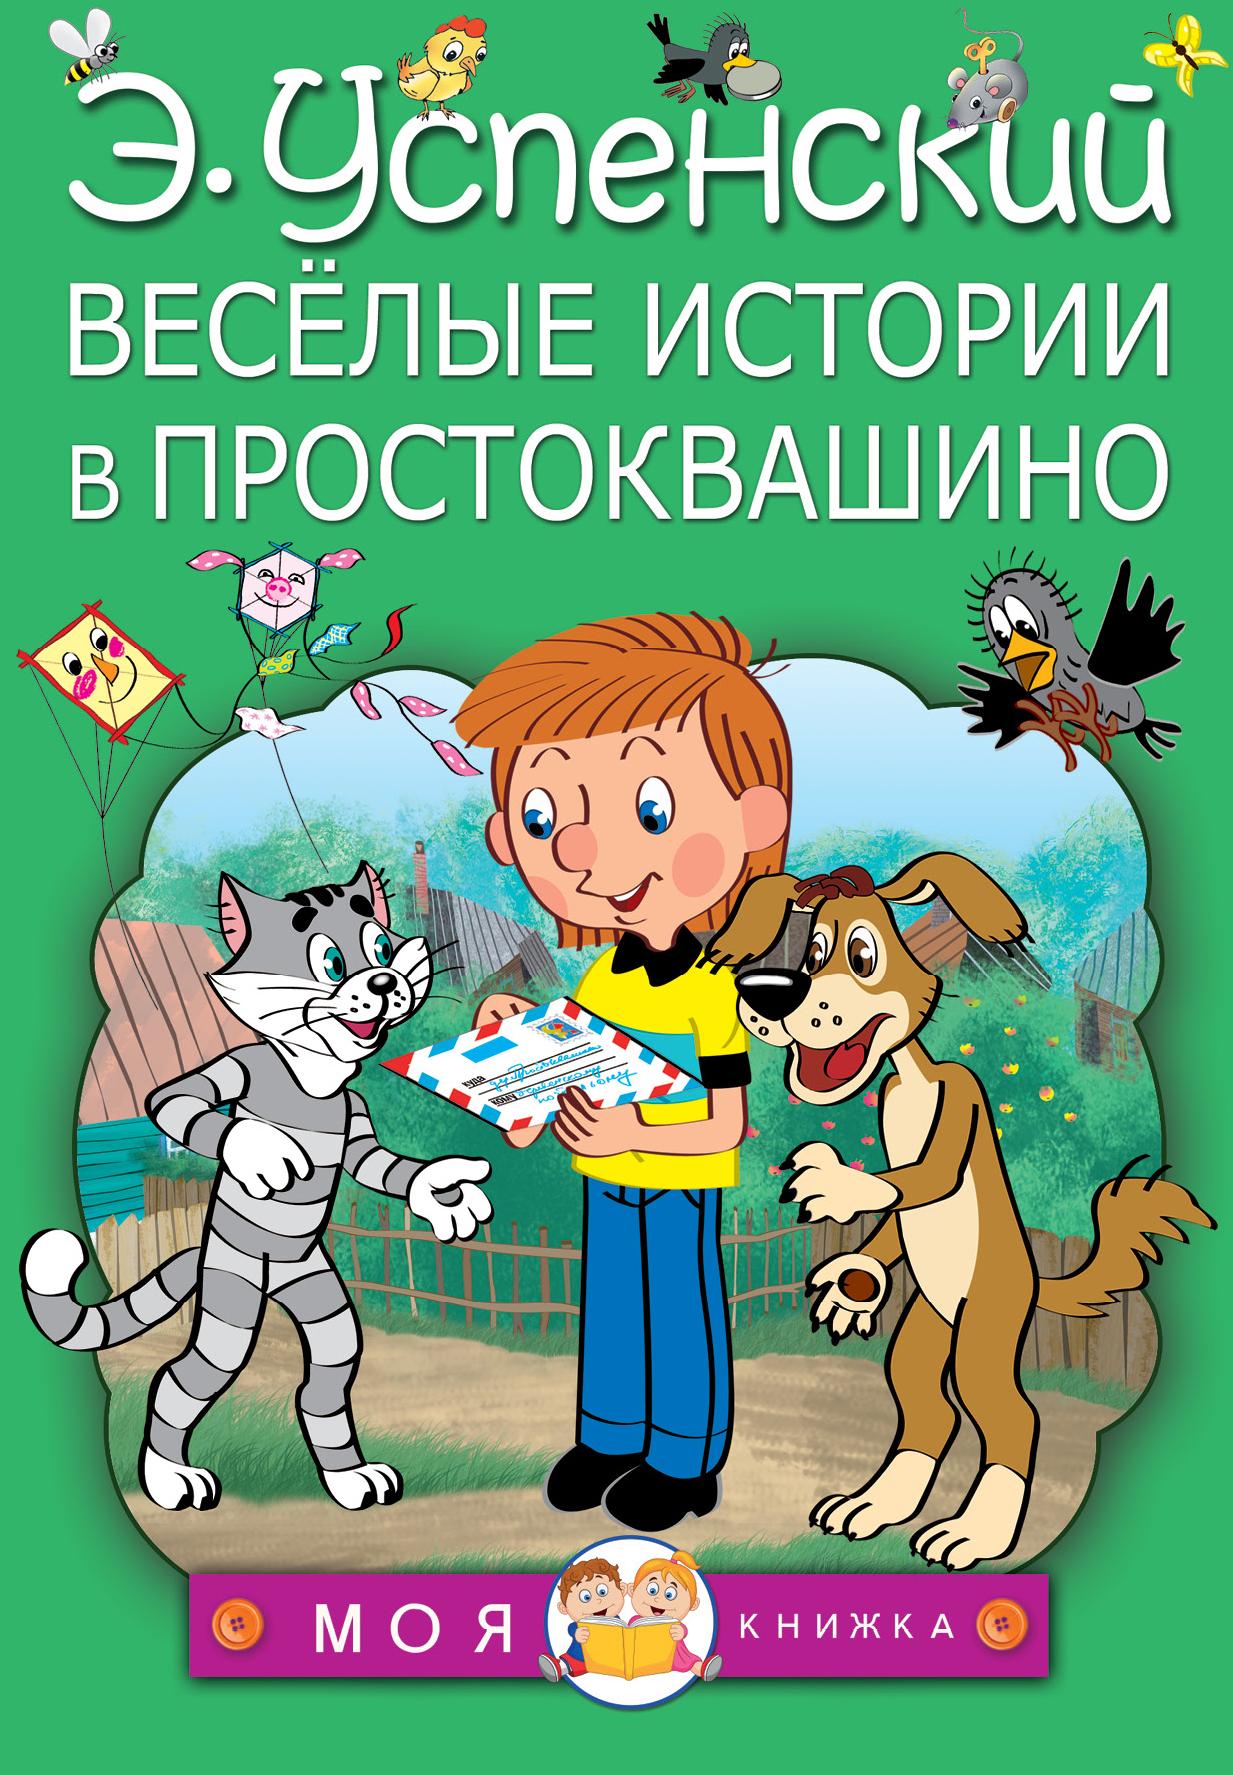 Успенский Э.Н. Весёлые истории в Простоквашино